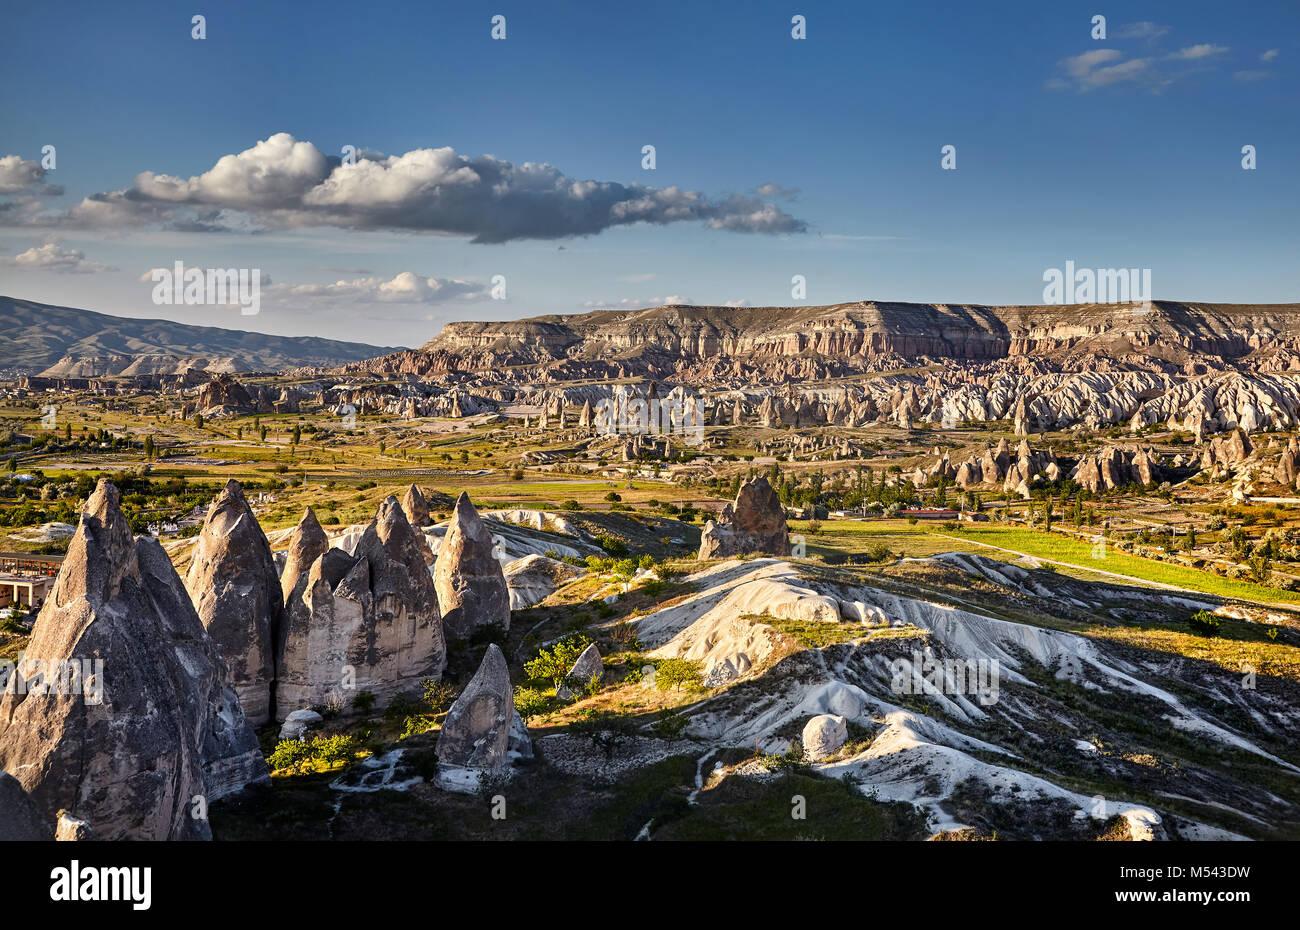 Hermoso paisaje de la antigua formación geológica denominada chimeneas de hadas al atardecer en el valle Imagen De Stock